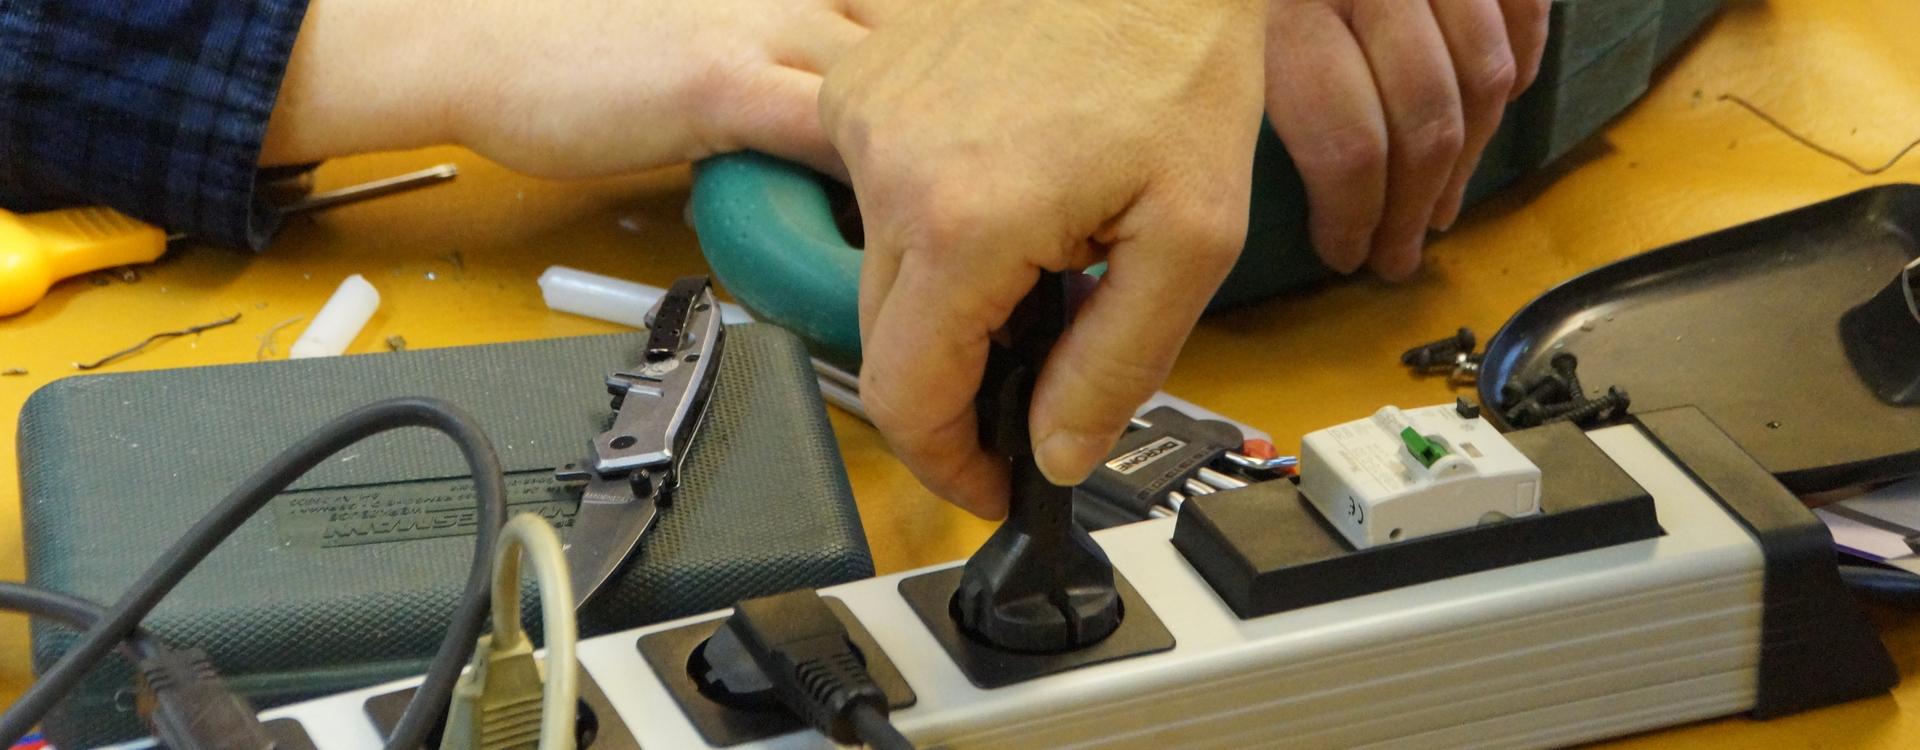 Foto: Ein Stecker wird in die Steckdosenleiste gesteckt